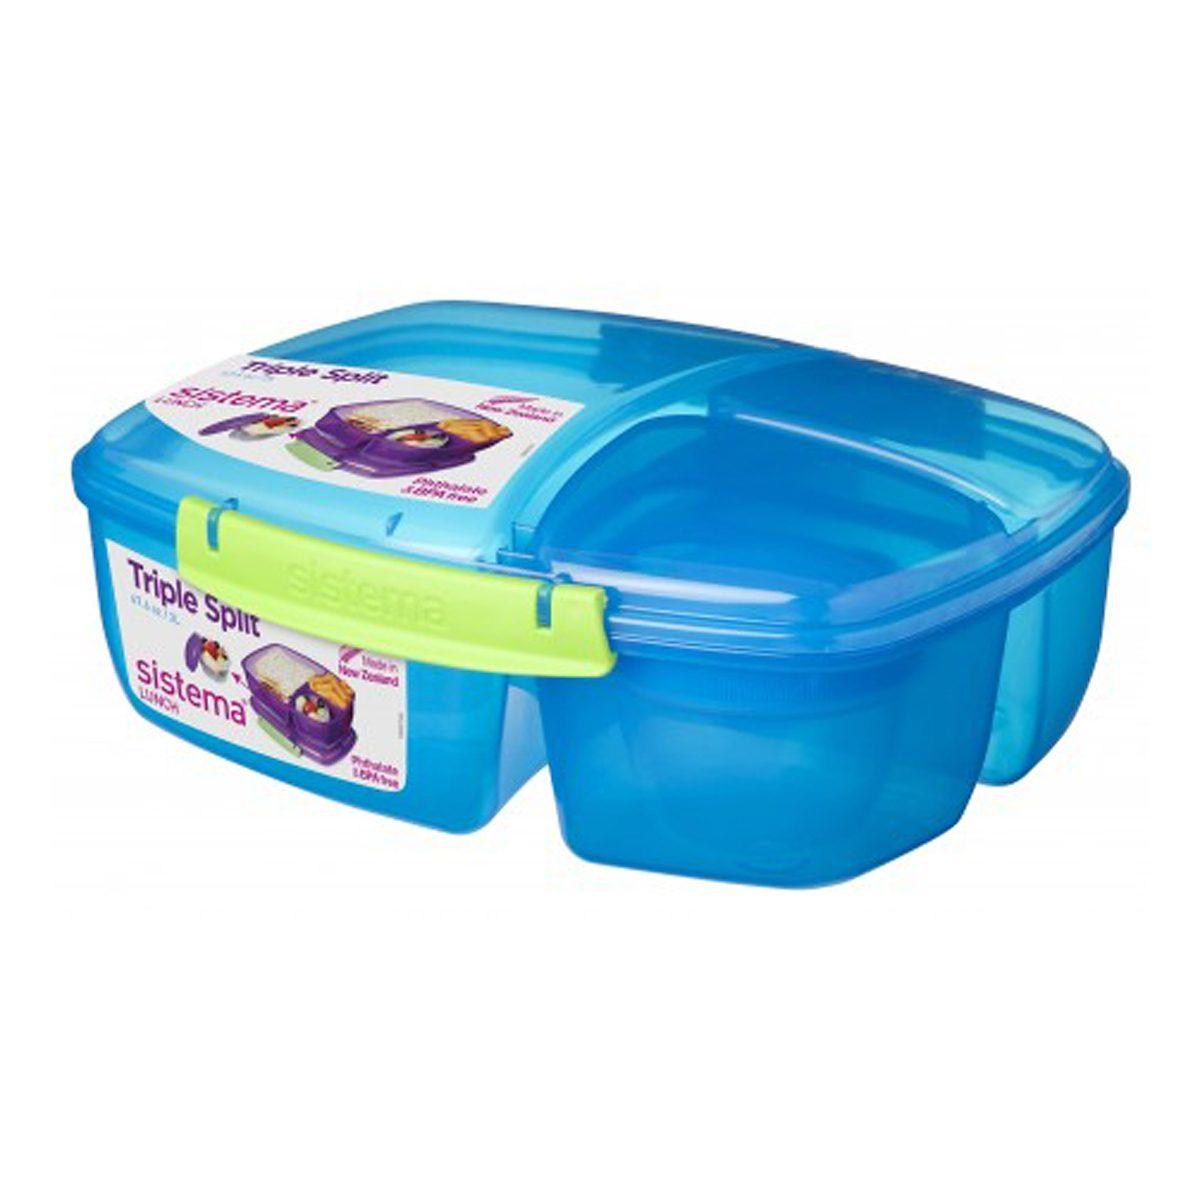 sistema sistema Lunchbox Triple Split mit Joghurt Behälter, blau